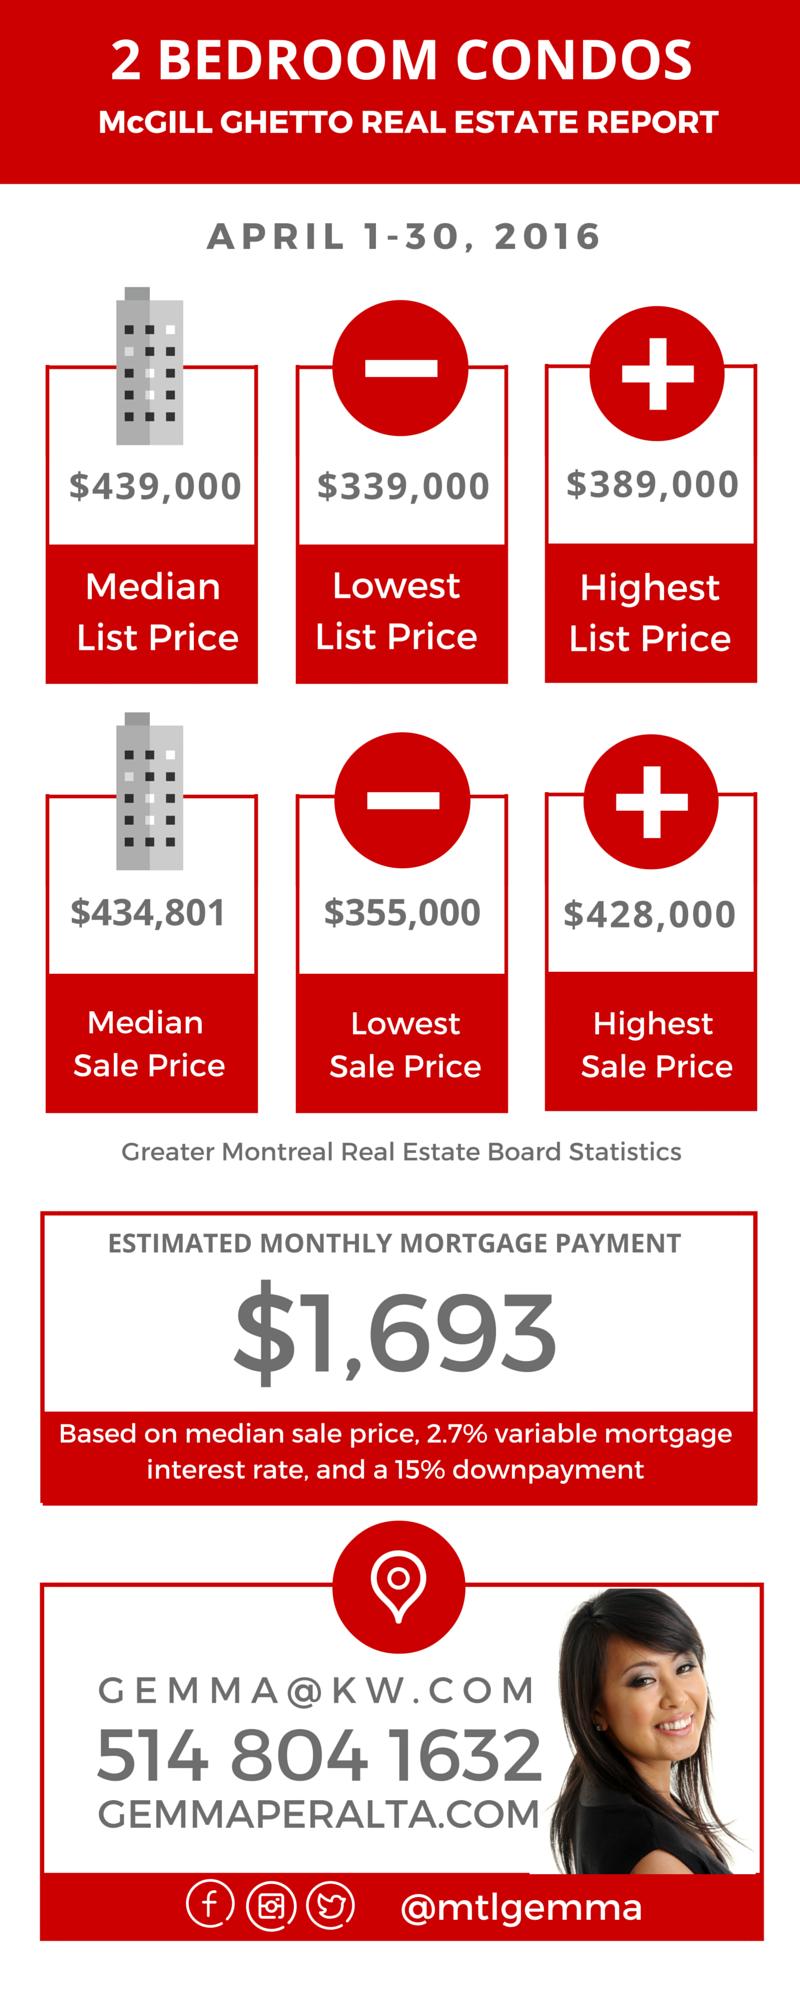 McGill Ghetto Real Estate Report April 2016 03